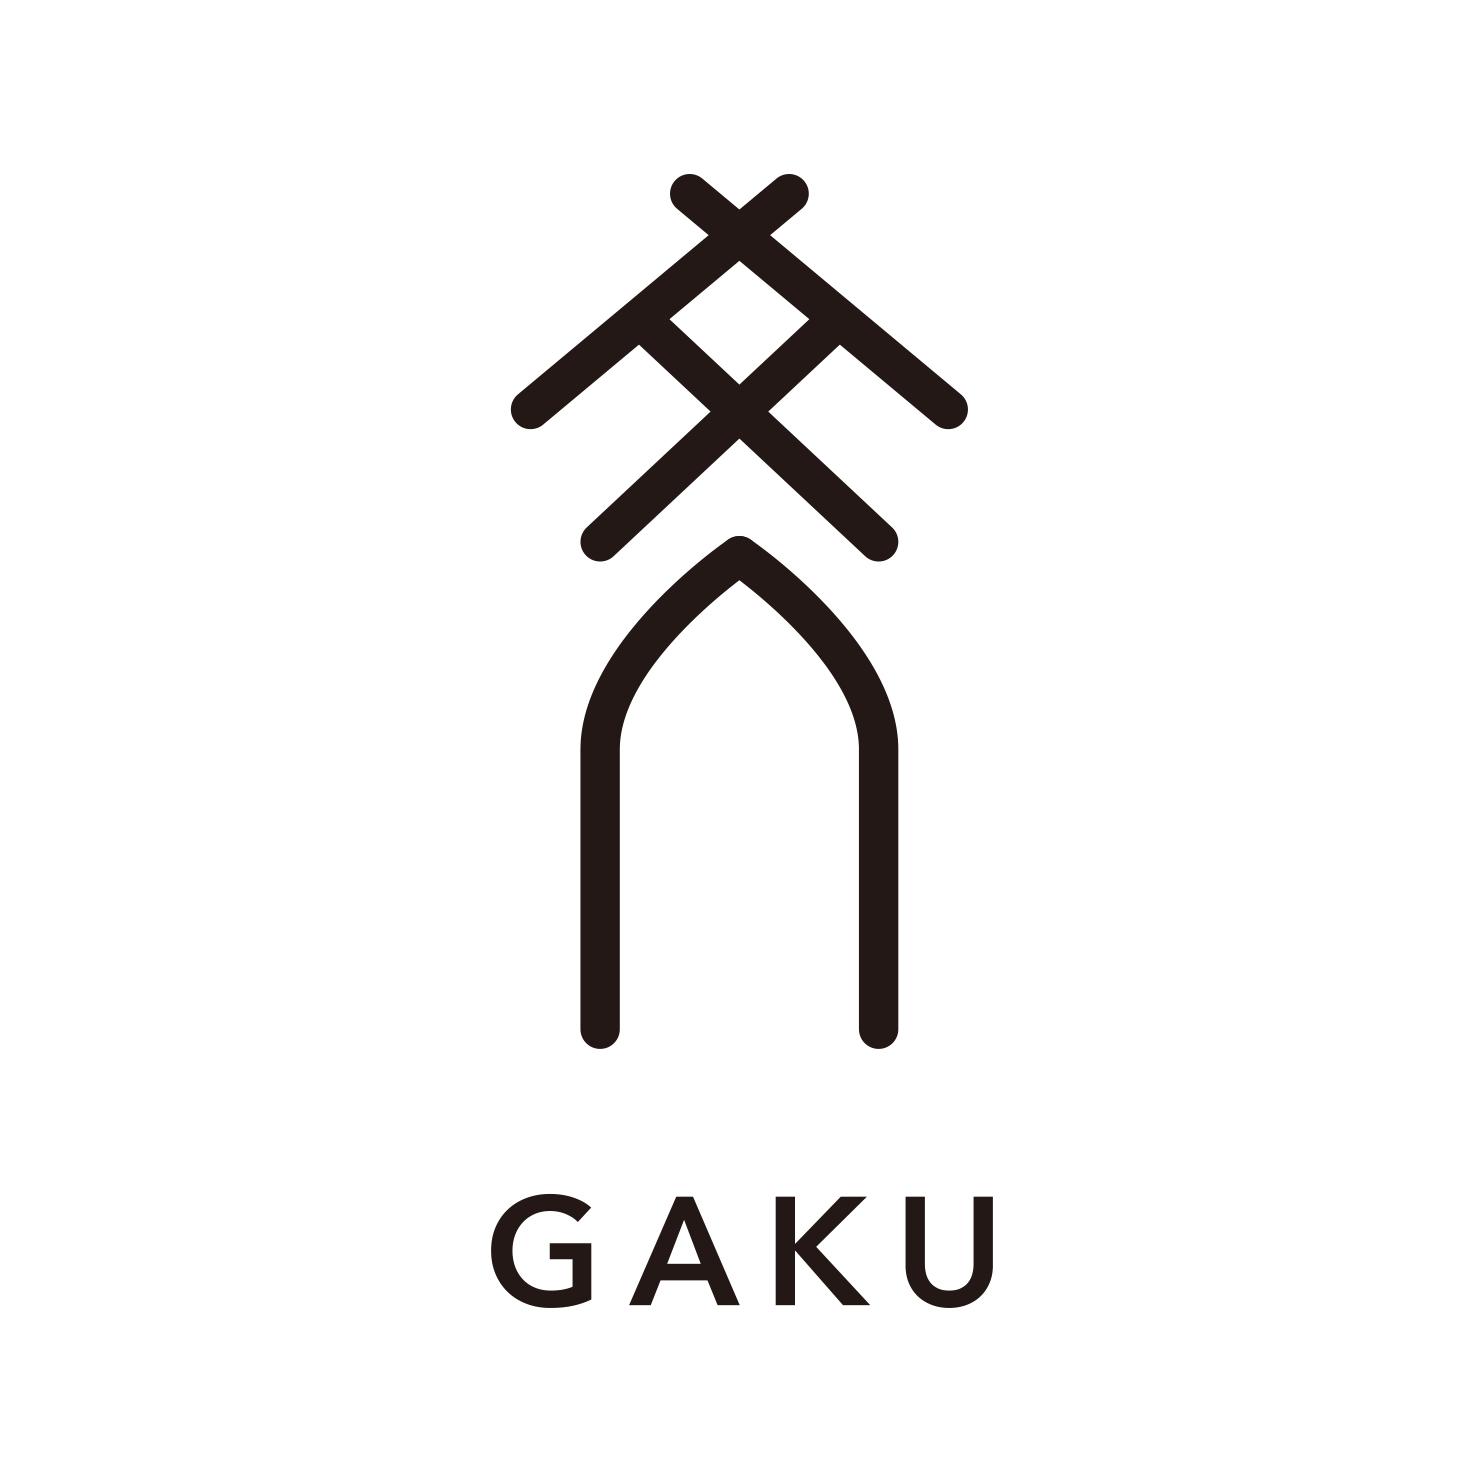 10代のための新たなクリエイティヴの学び舎 < GAKU >2020 年4月、…